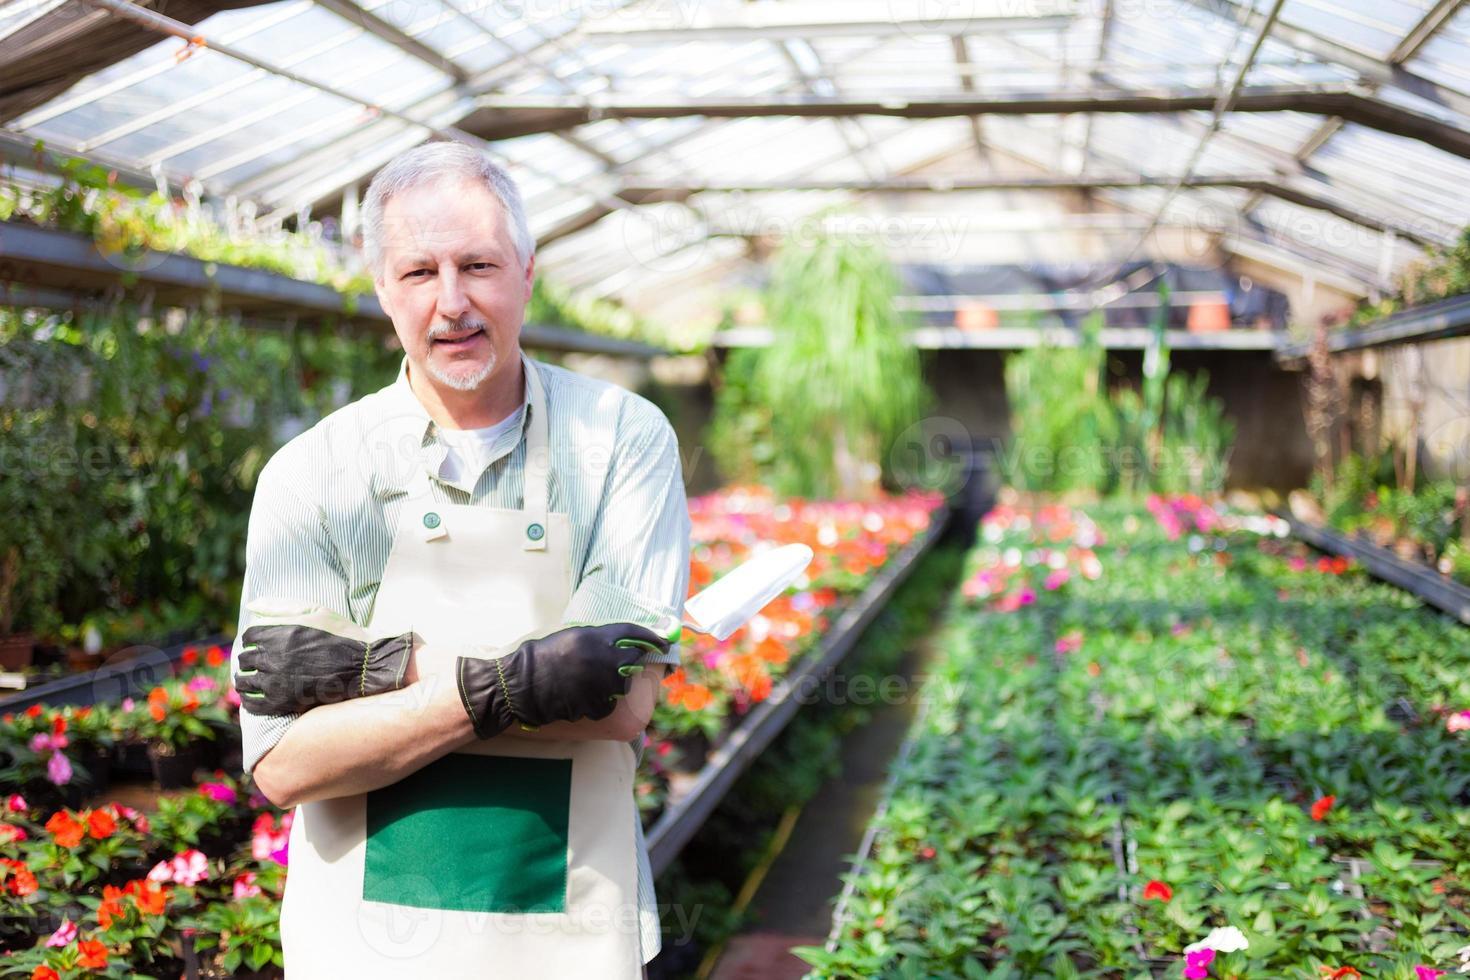 växthusarbetare foto